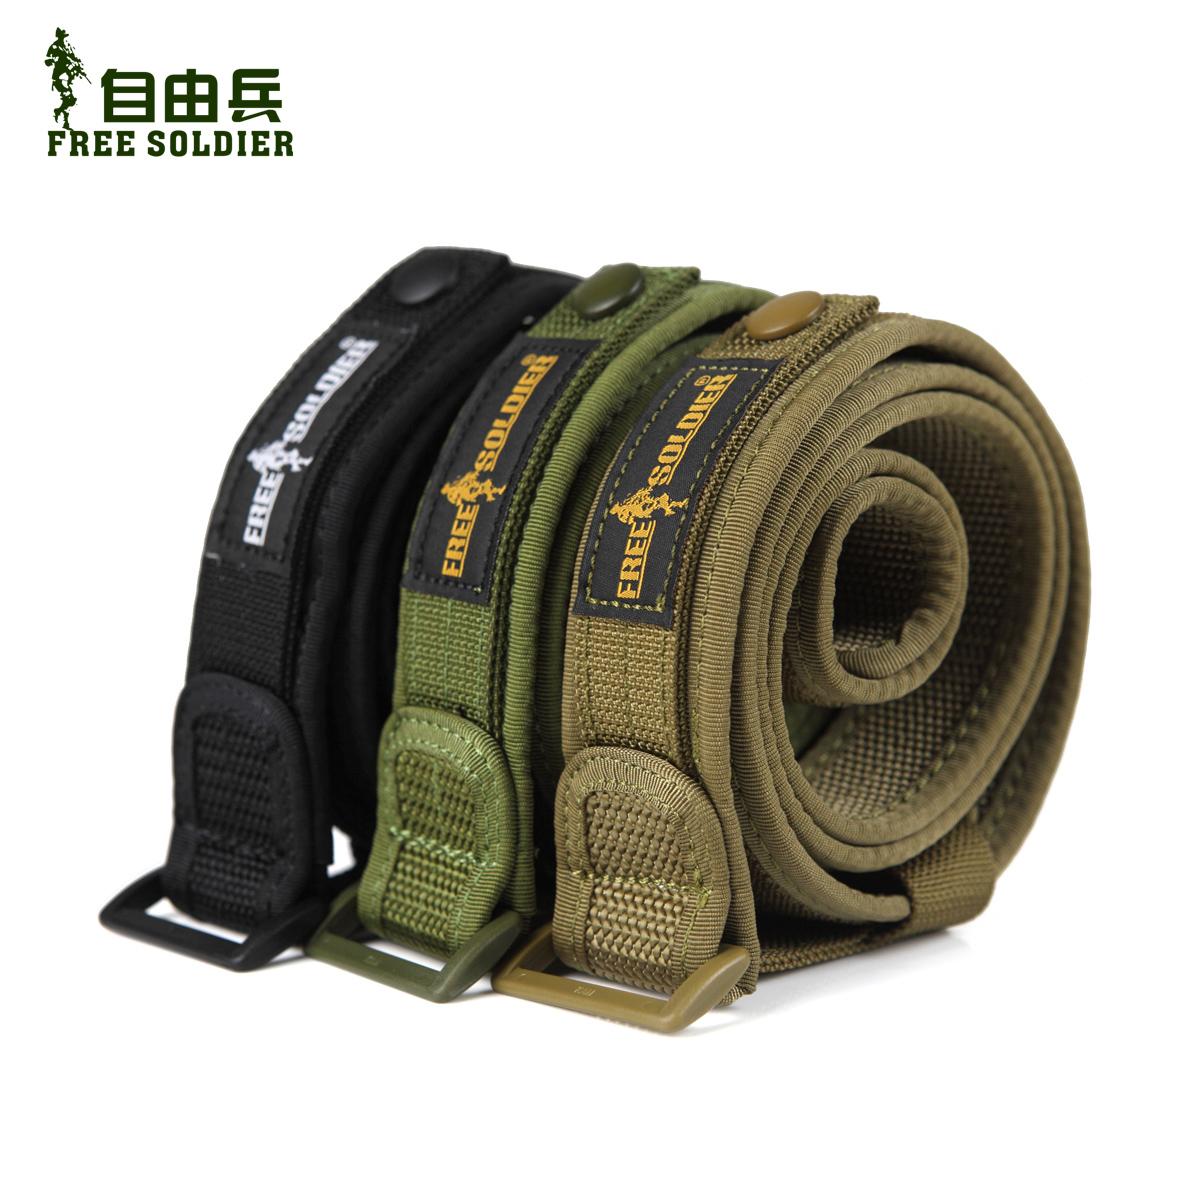 自由兵 户外战术腰带 男 户外尼龙内腰带 休闲裤带 军迷用品装备